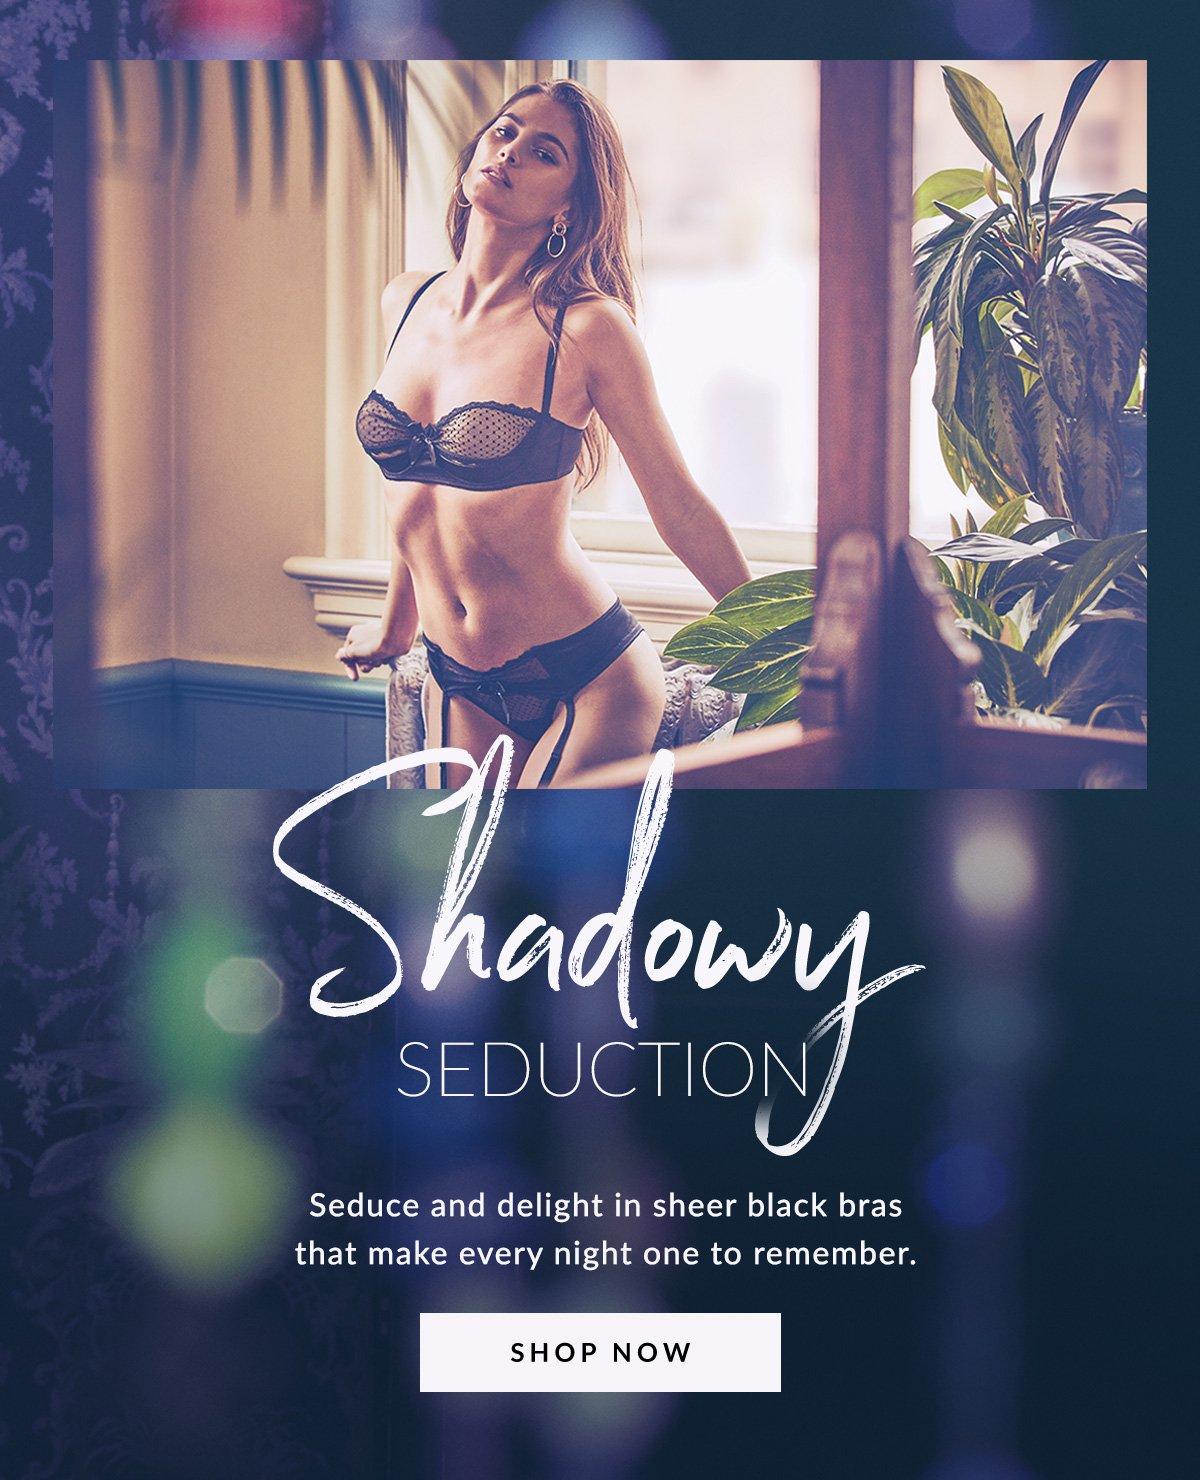 Shadowy Seduction | Shop Now |